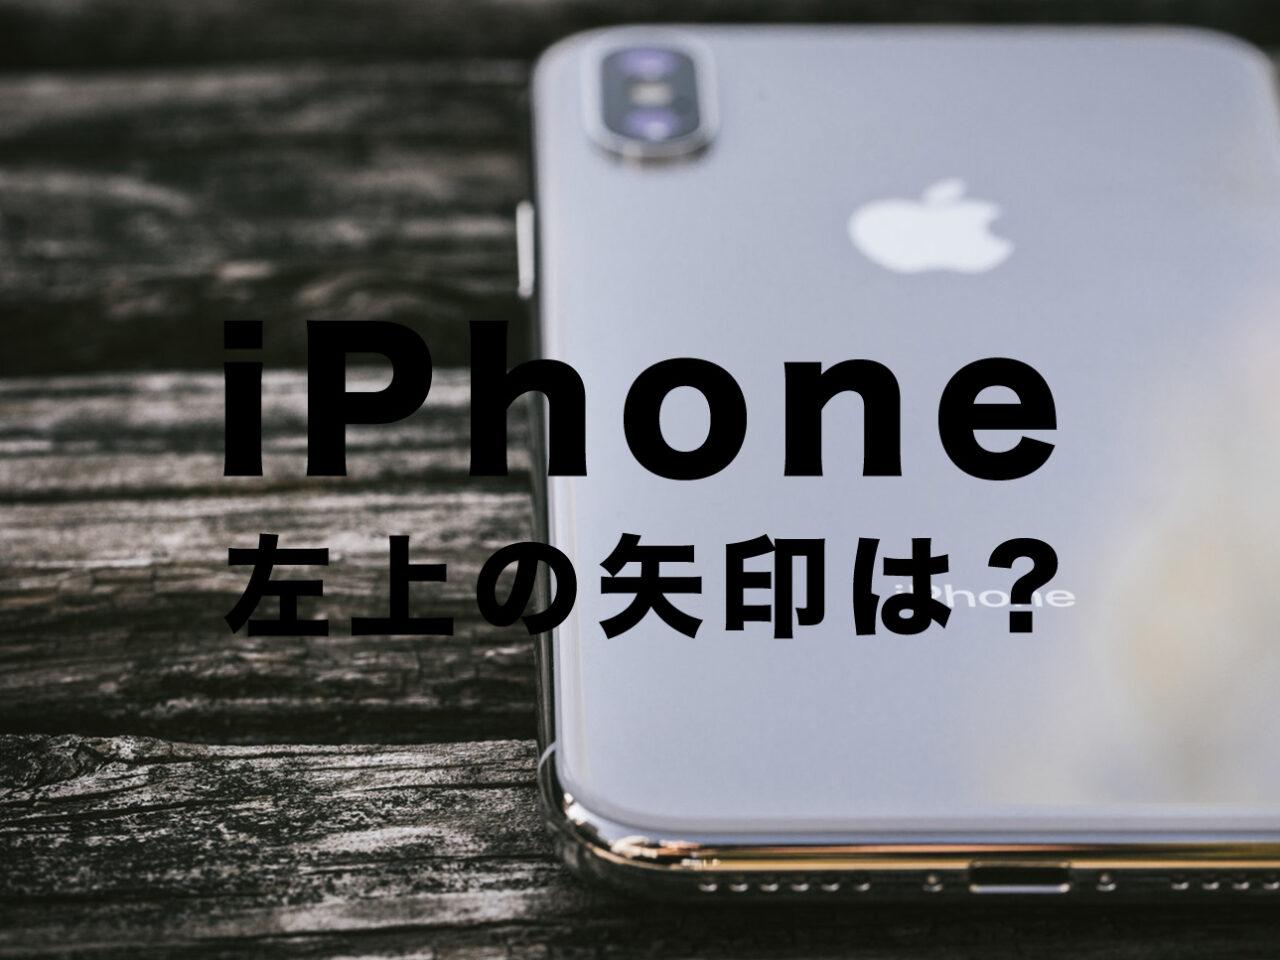 iPhoneで左上の矢印マークは何?意味は?青色や白抜きの矢印の場合は?iOS15で目立つ!のサムネイル画像